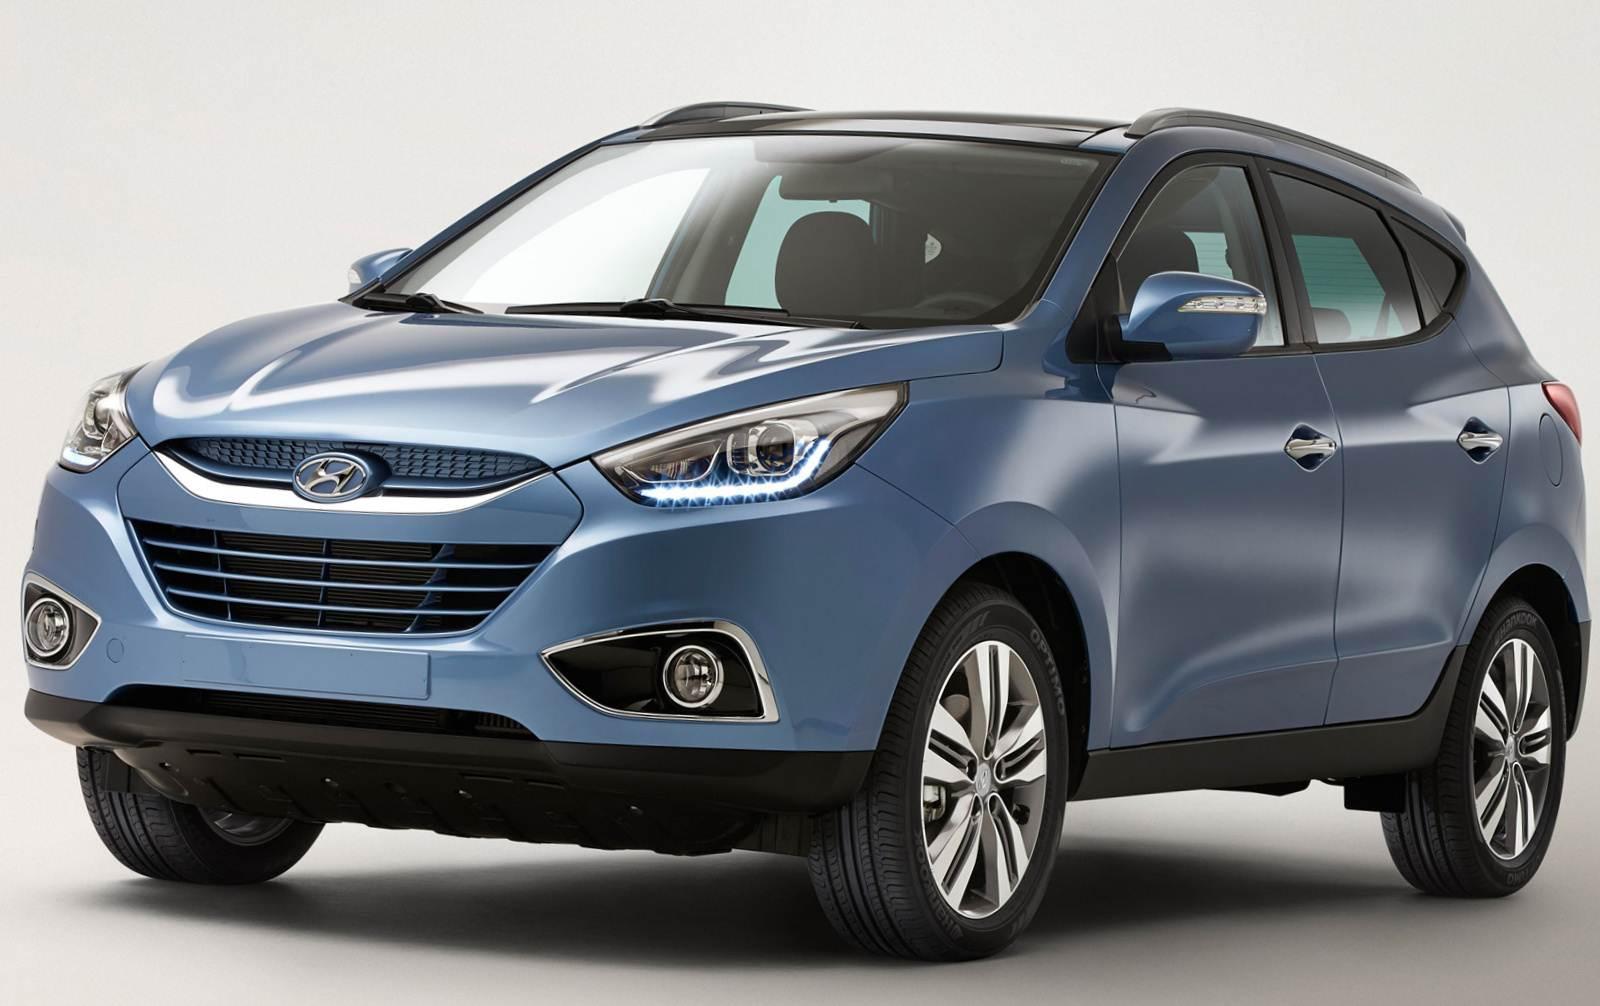 Novo Hyundai ix35 2014 será apresentado em Genebra